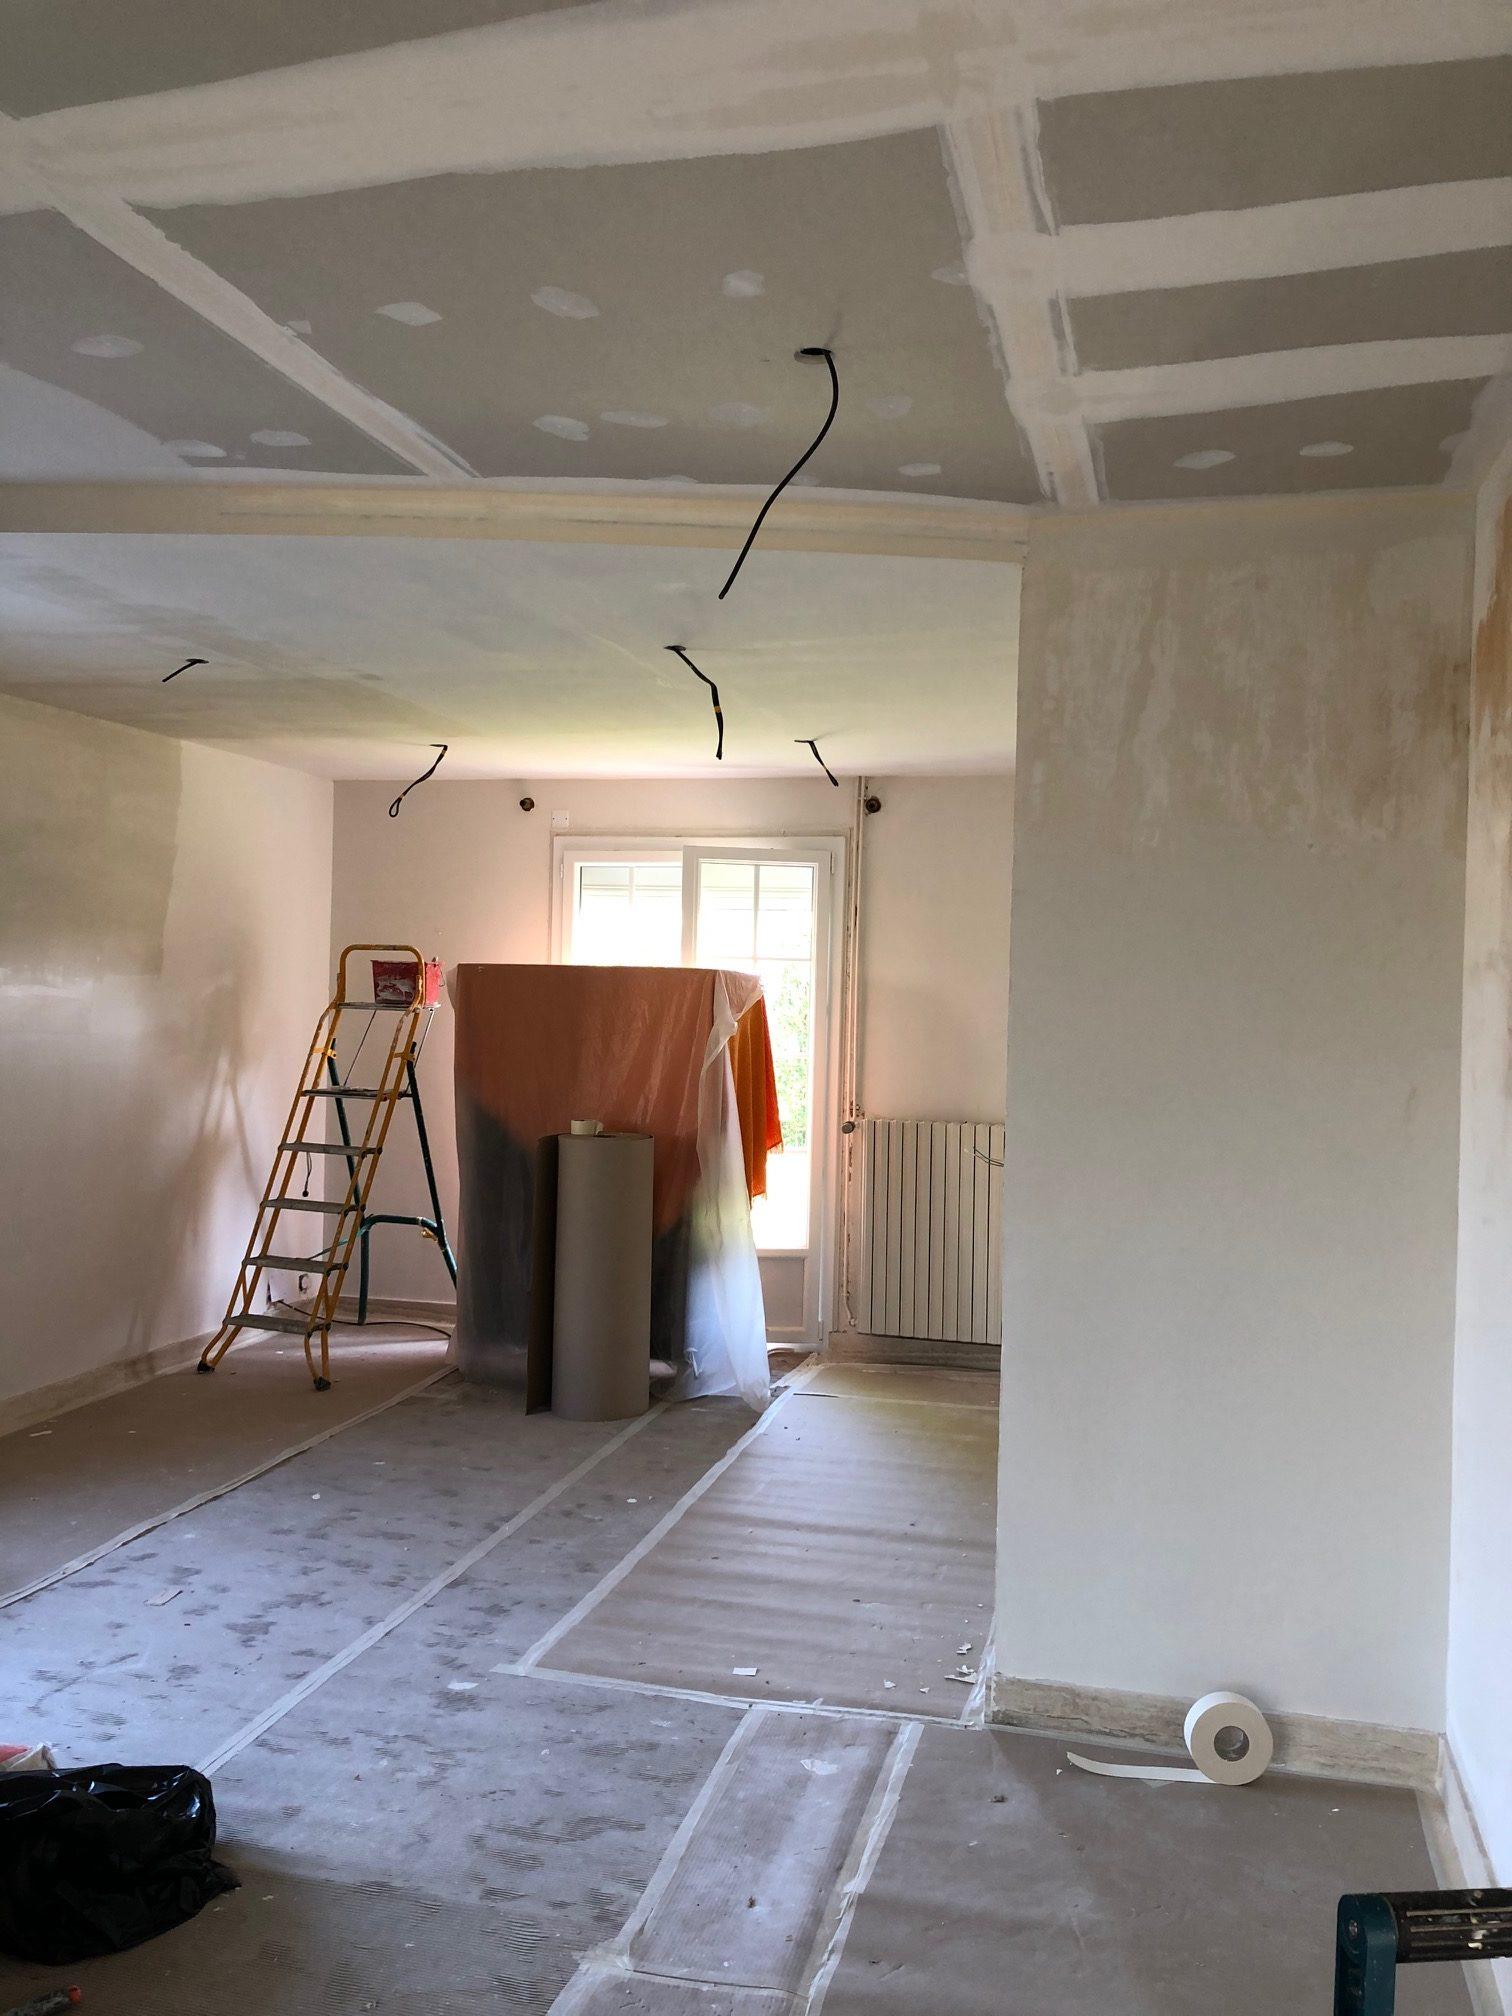 travaux de plâtrerie par le platrier peintre Fouillet à Angers